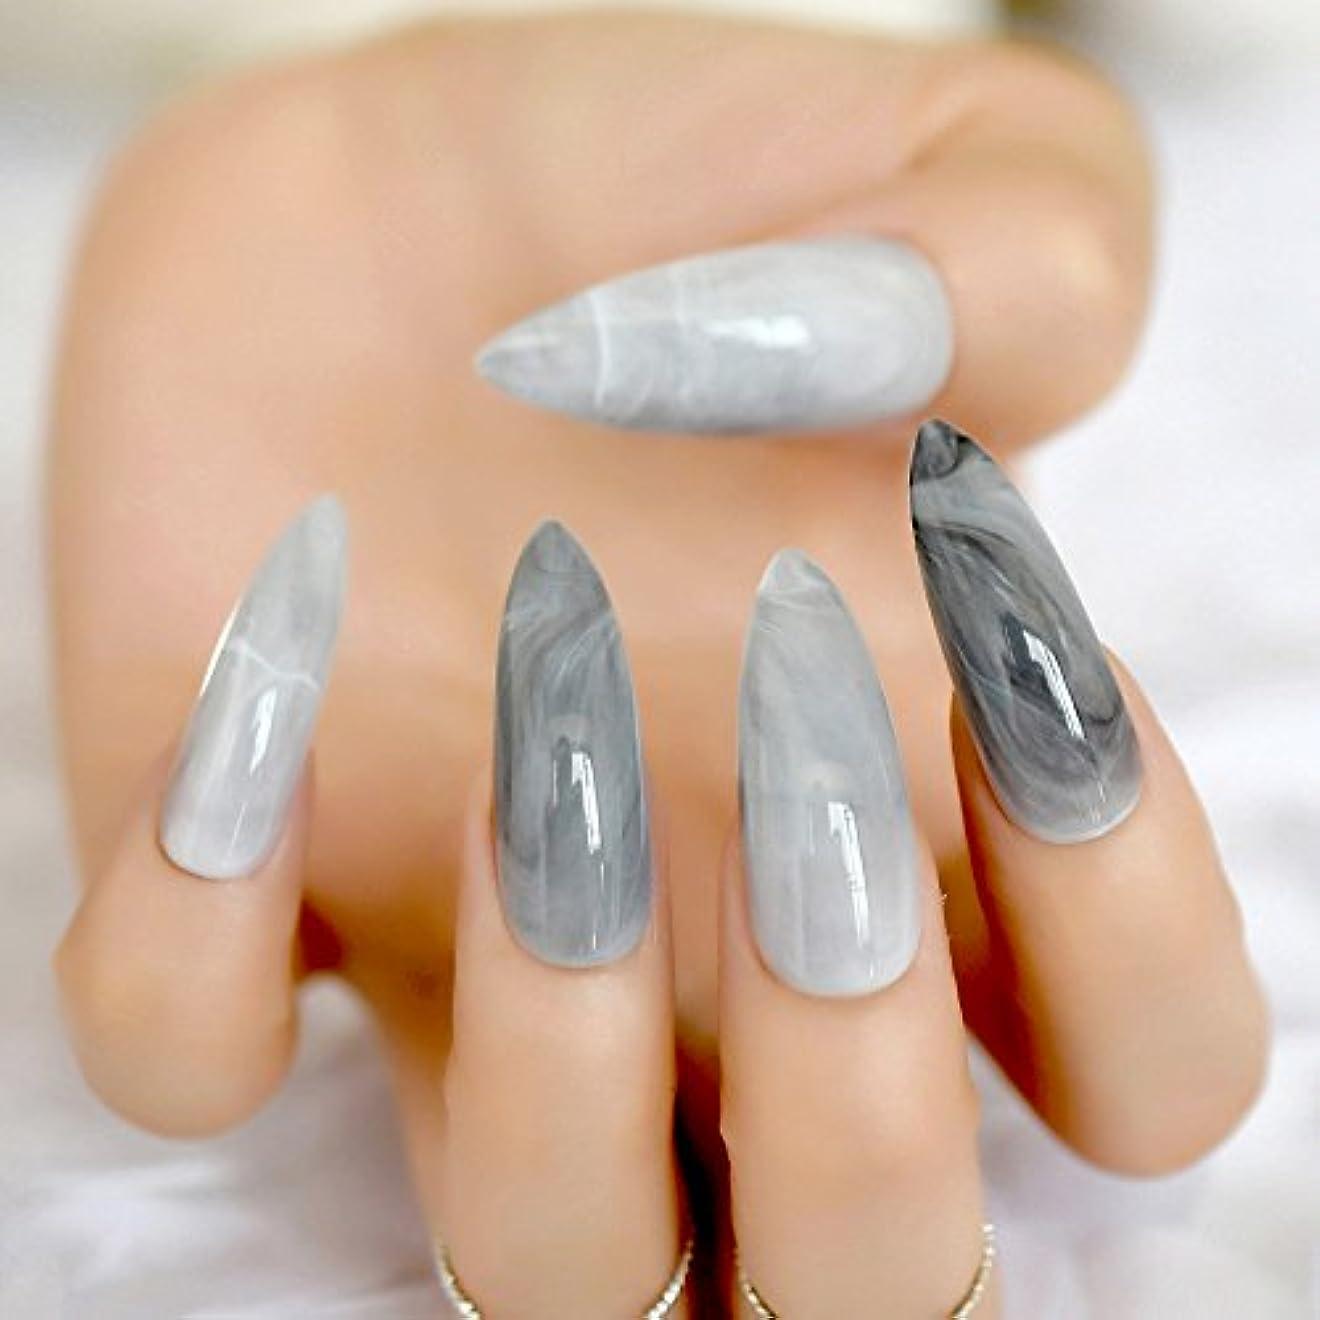 入学する吐く却下するXUTXZKA スティレットグレーの大理石の偽の爪の石のパターンは指24のための偽の爪に暗い光沢のある長押しを指摘